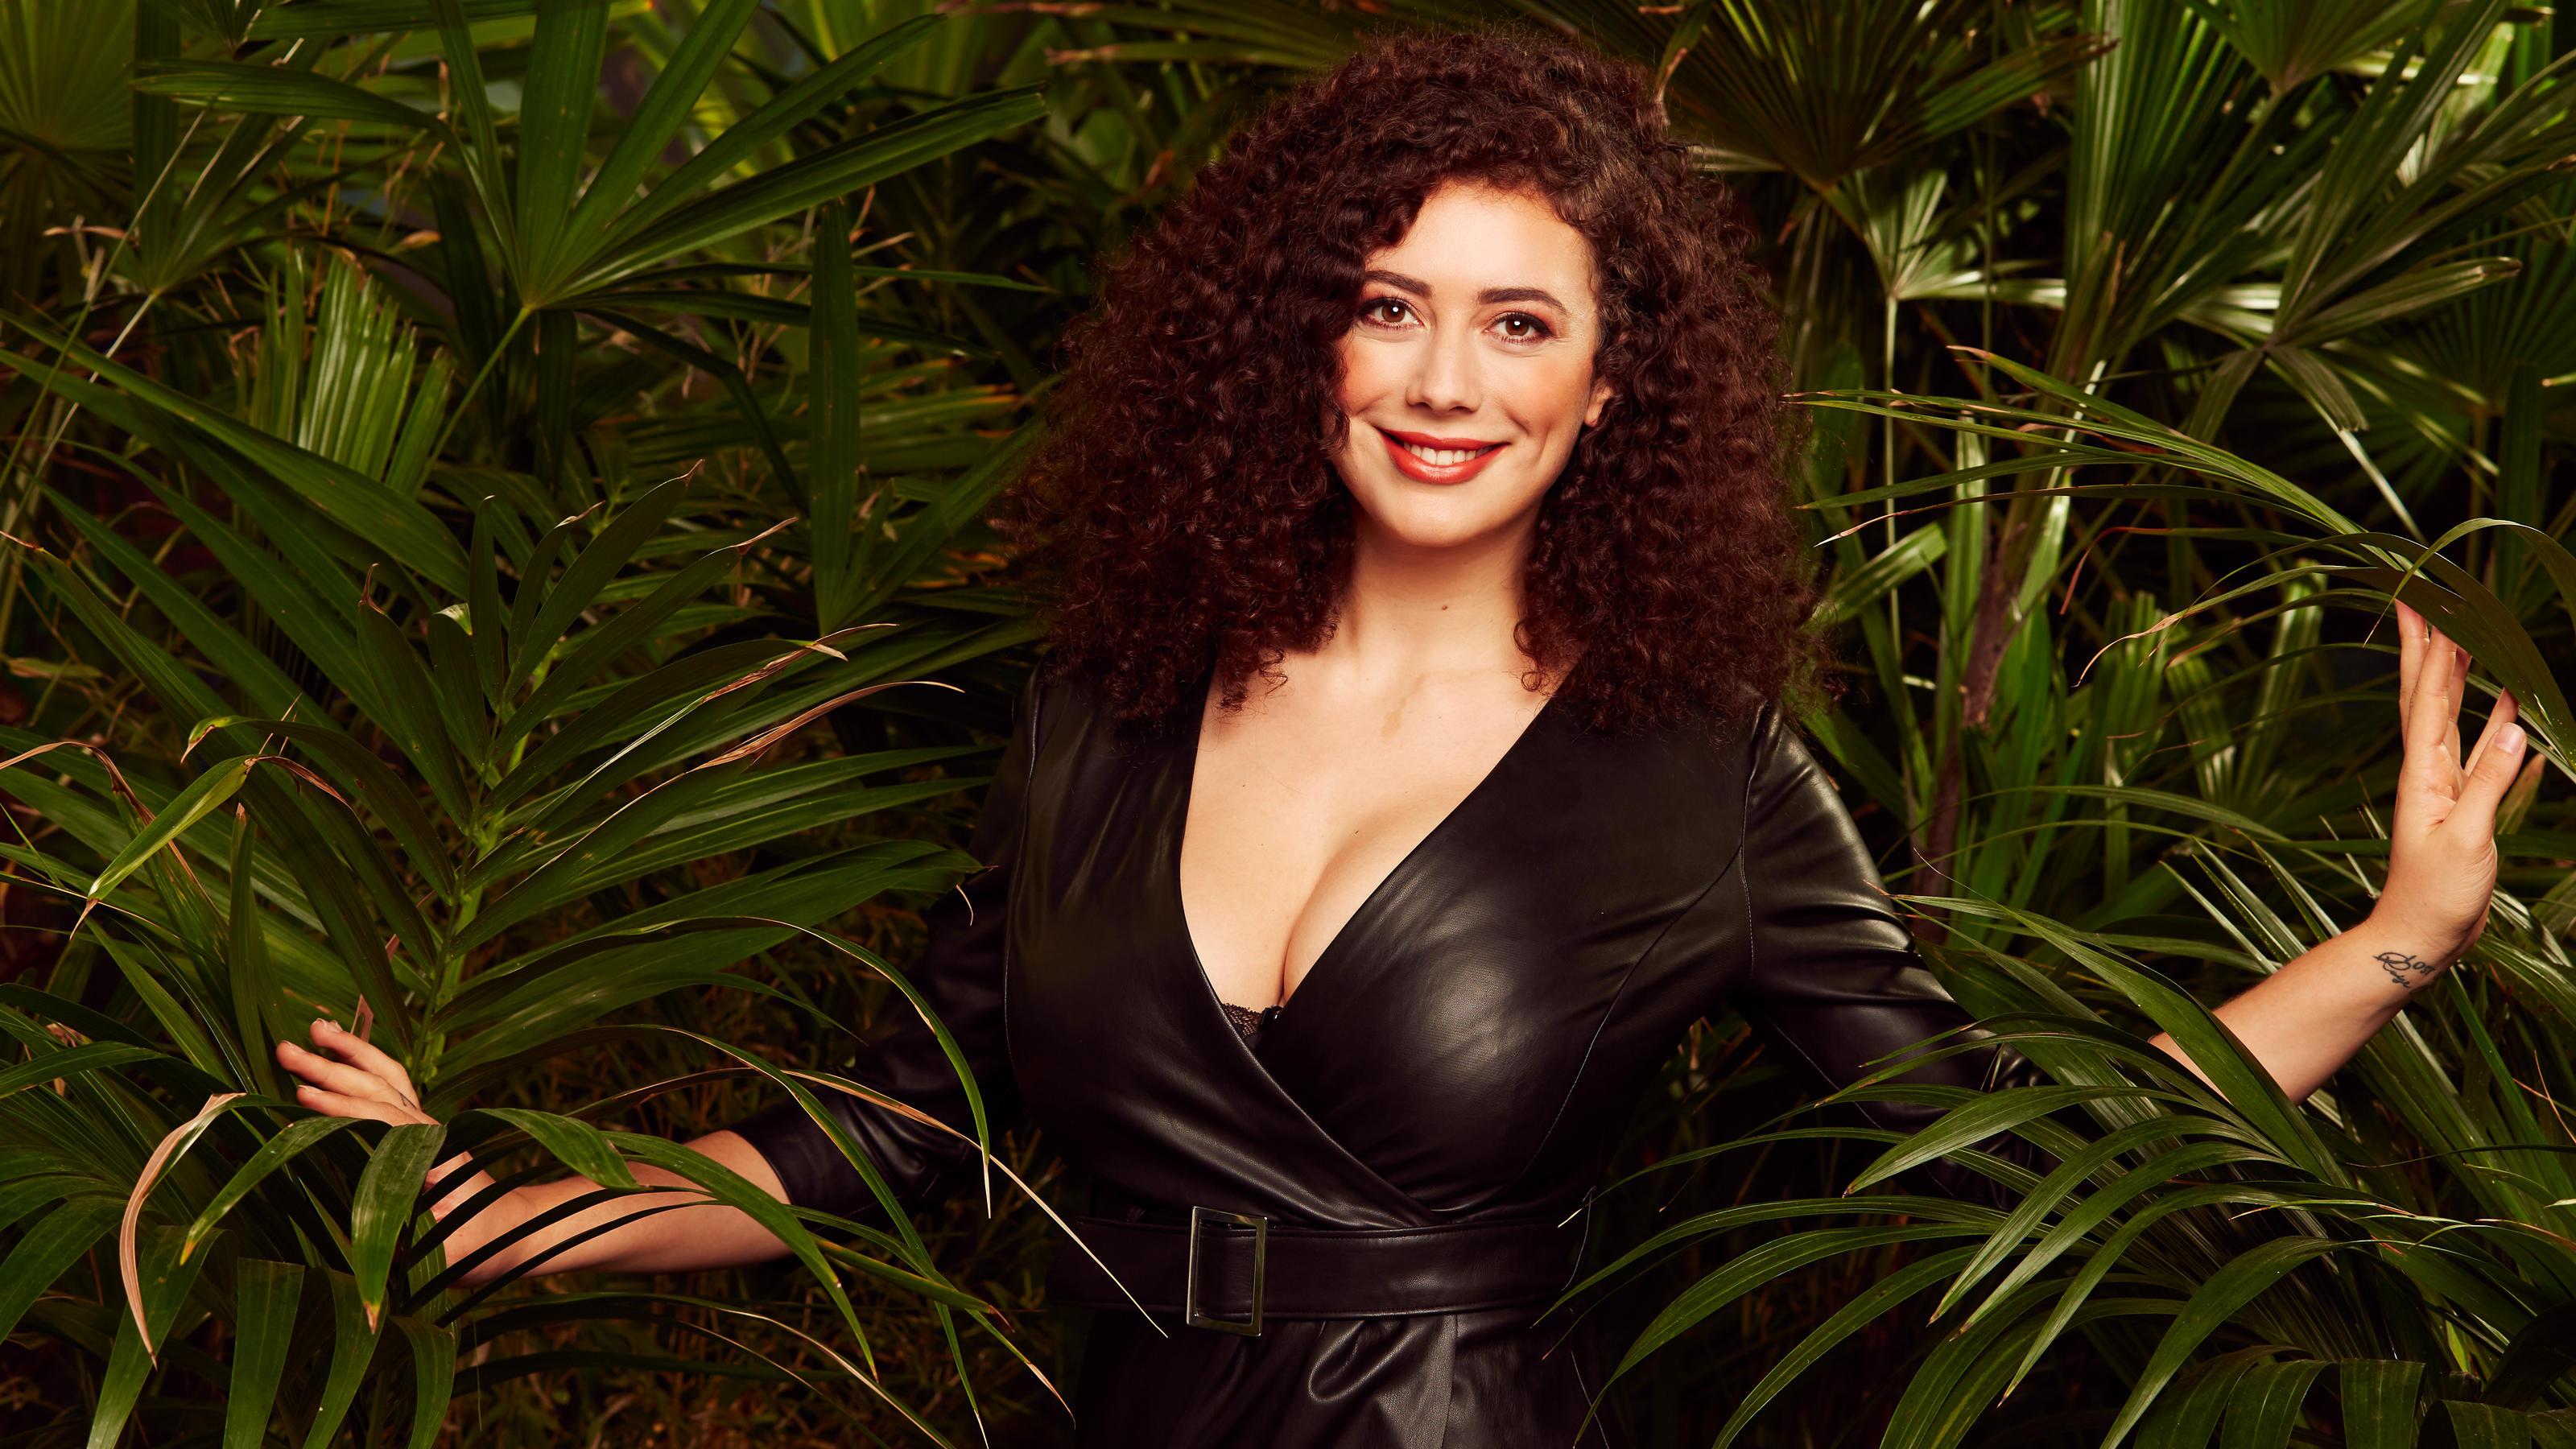 Dschungelcamp 2019: Leila Lowfire wird im Camp schon